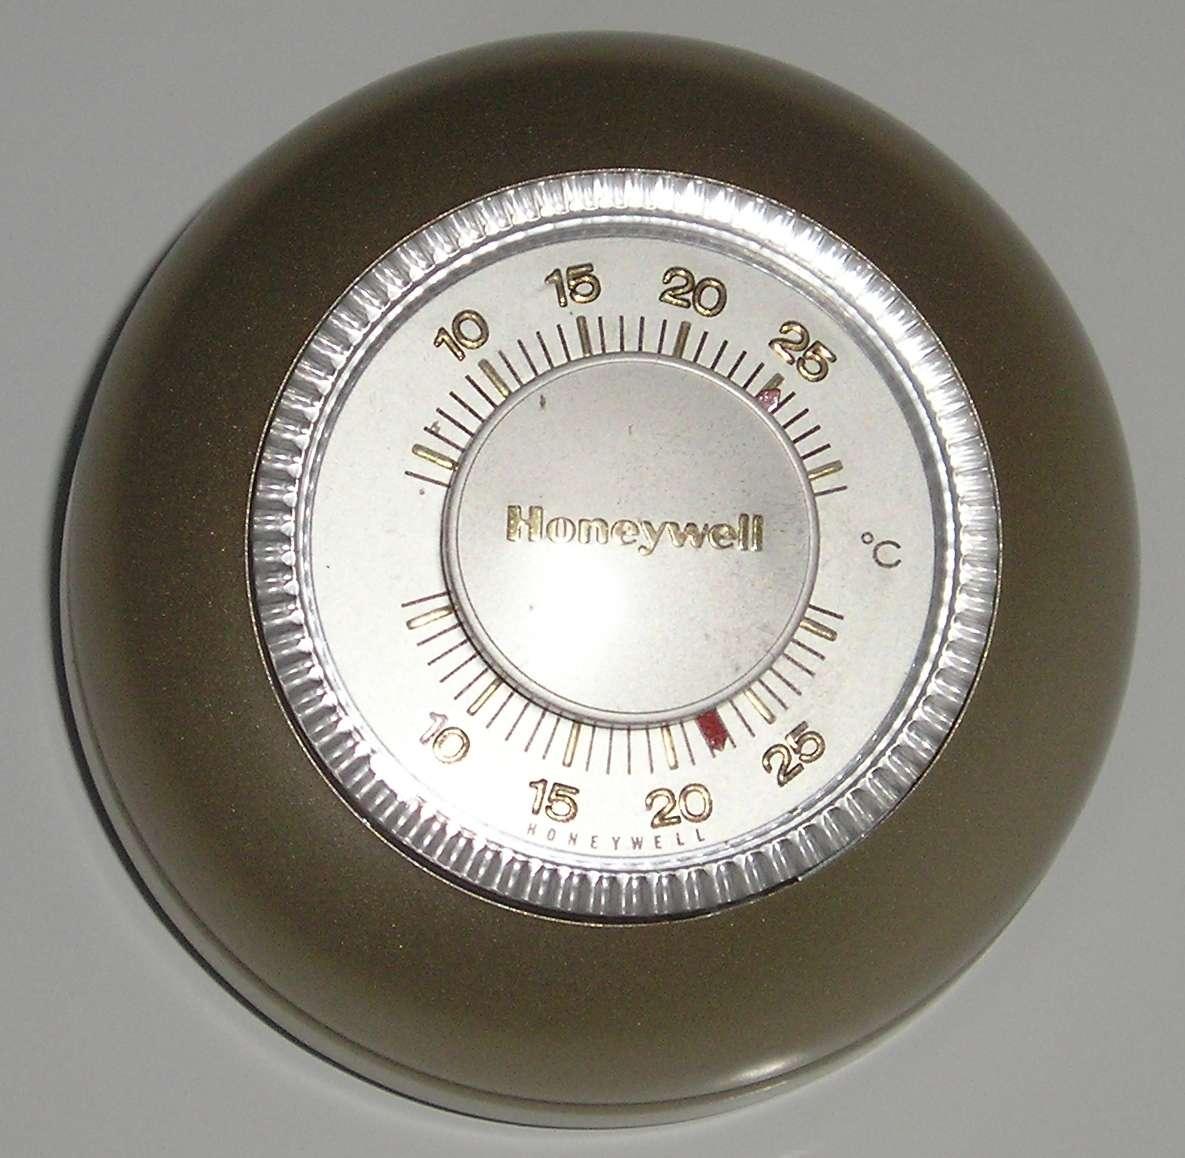 Le thermostat est un système qui permet de réguler la température. © Vincent de Groot, CC BY-SA 3.0, Wikimedia Commons